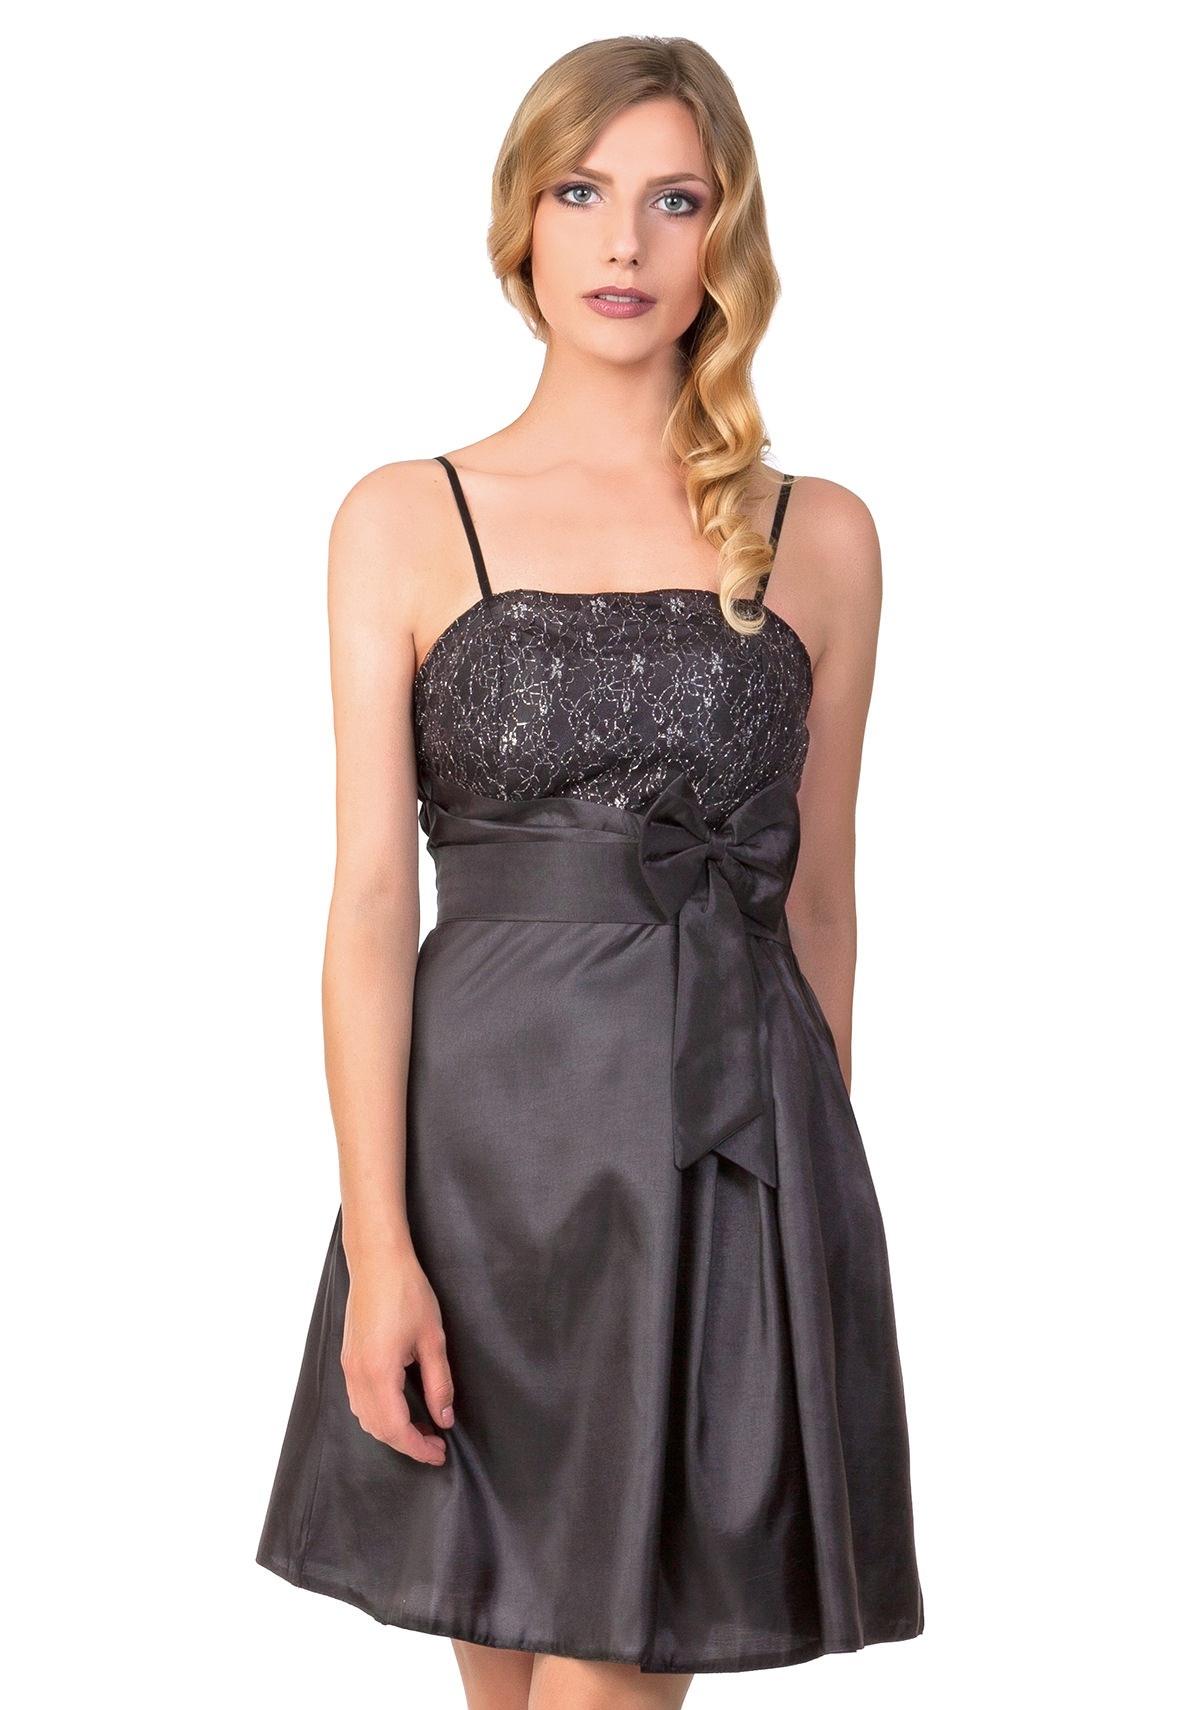 15 Genial Günstige Konfirmationskleider Boutique17 Luxus Günstige Konfirmationskleider Ärmel